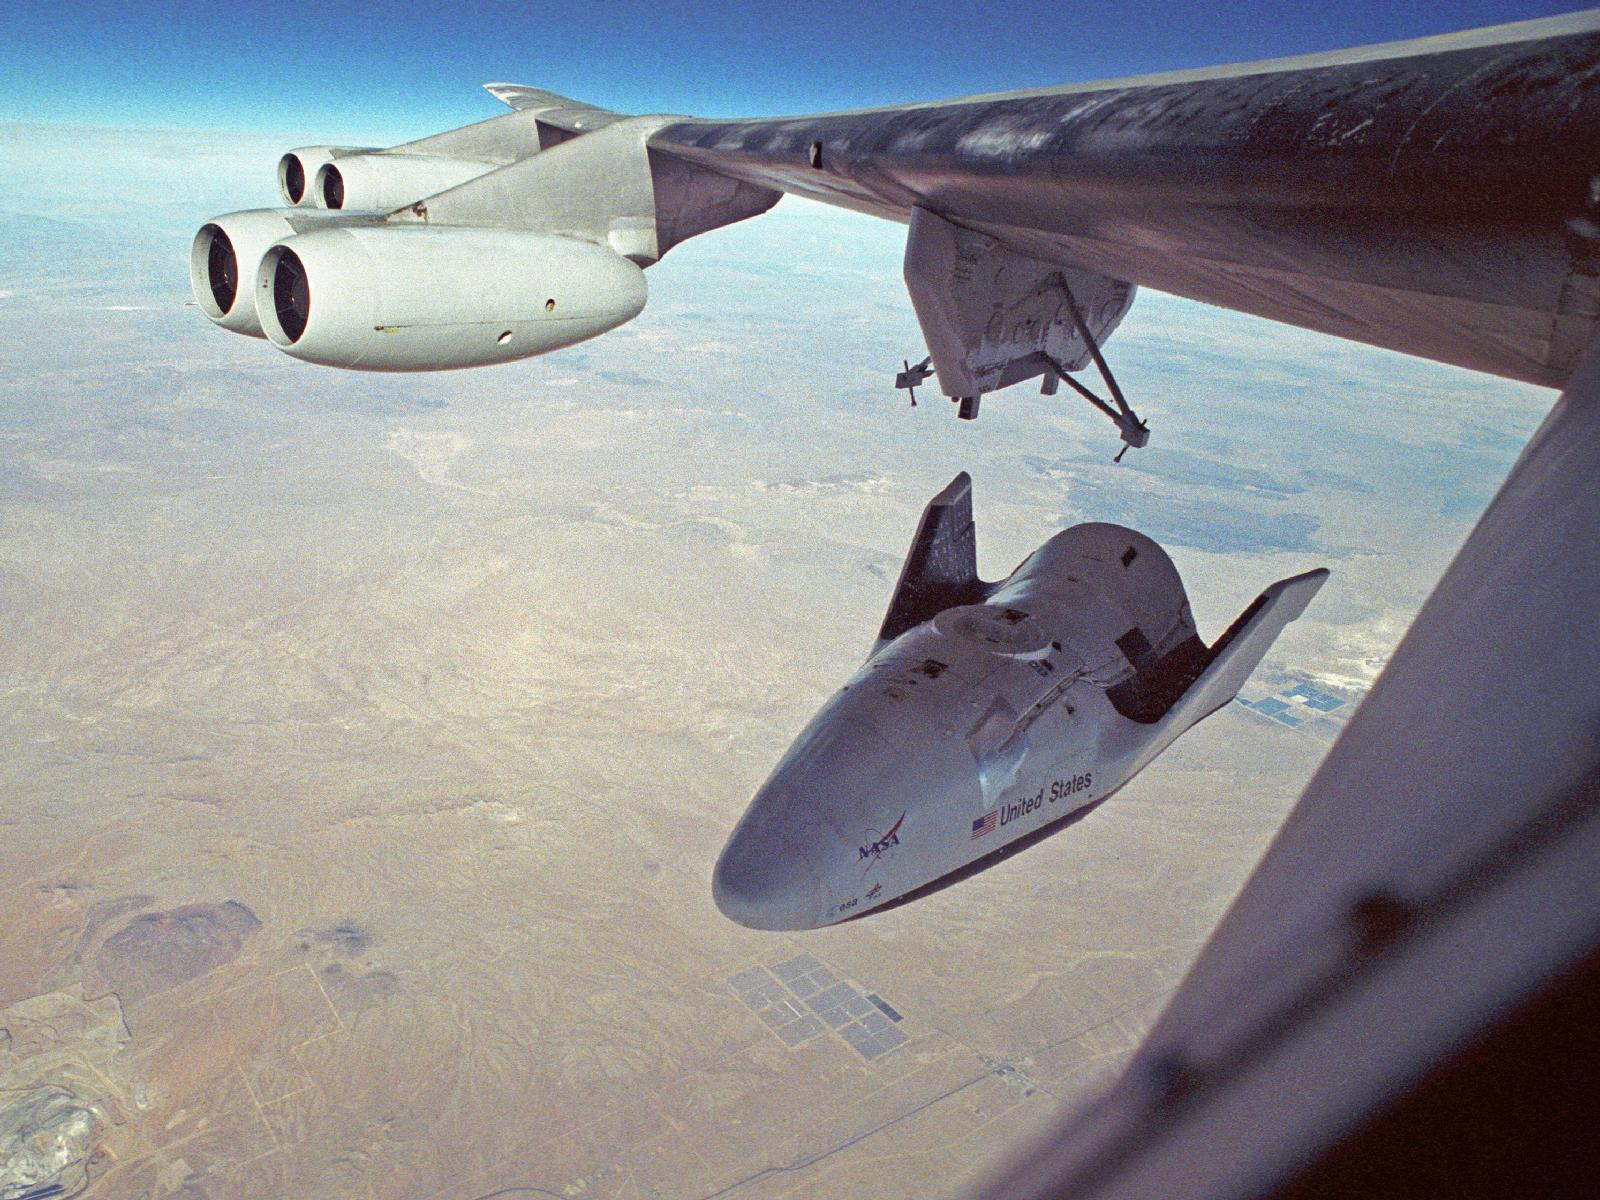 X-38 Crew Return Vehicle